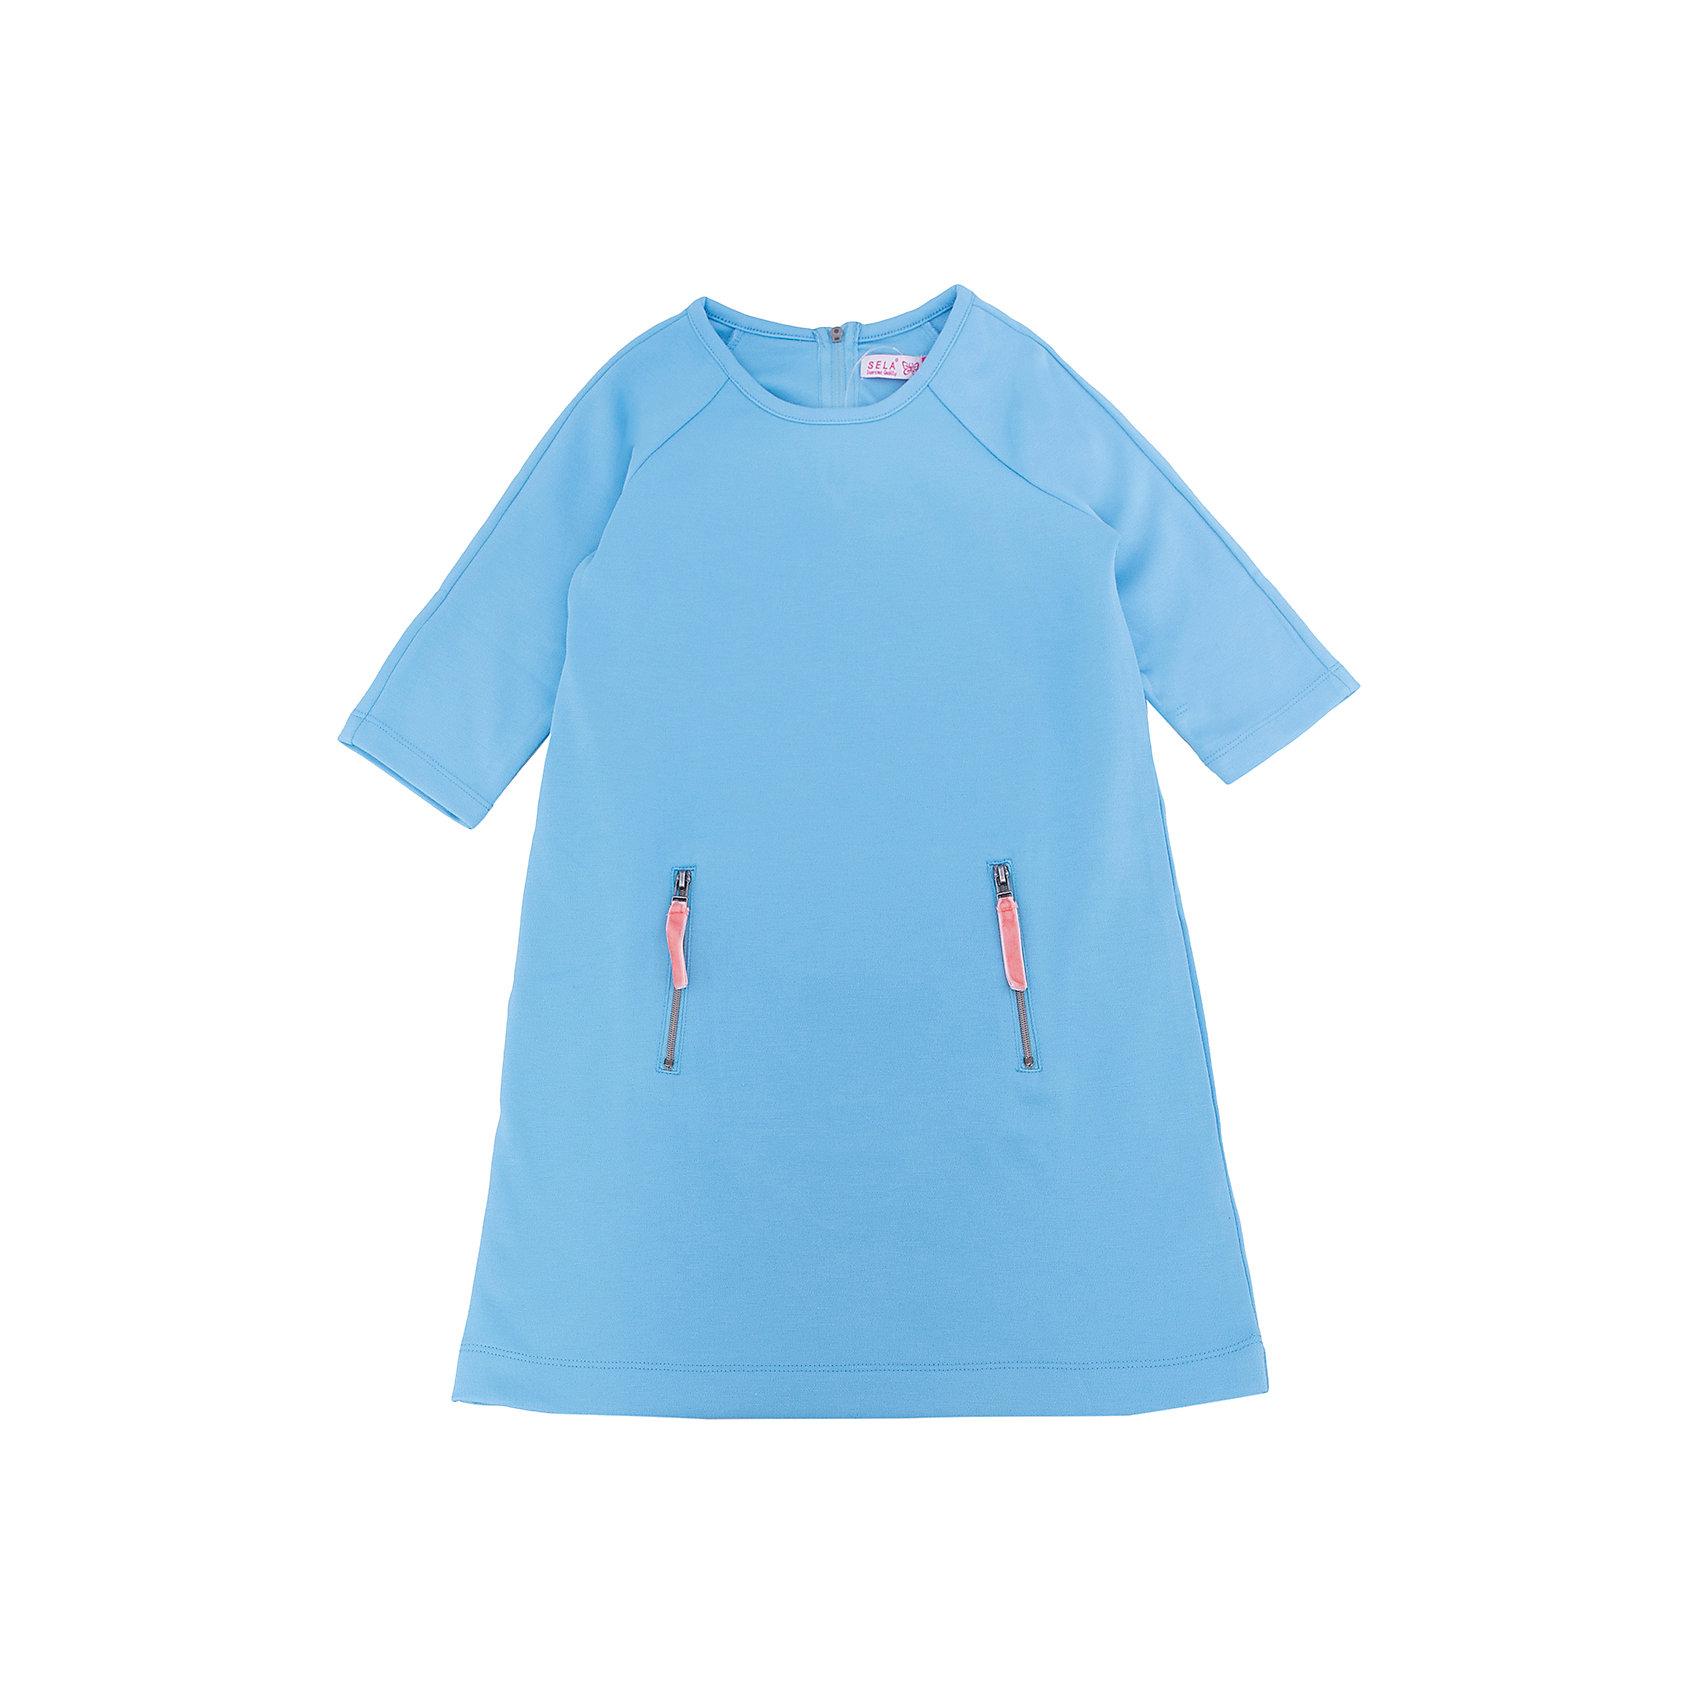 Платье для девочки SELAХарактеристики:<br><br>• Вид детской и подростковой одежды: платье<br>• Пол: для девочки<br>• Предназначение: повседневная, праздничная<br>• Сезон: круглый год<br>• Тематика рисунка: без рисунка<br>• Цвет: голубой <br>• Материал: 60% вискоза, 35% полиэстер, 5% эластан<br>• Силуэт: полуприлегающий<br>• Рукав: реглан, 3/4<br>• Воротник: круглый<br>• Застежка: молния сзади<br>• На передней полочке имеются карманы на молнии<br>• Длина платья: мини<br>• Особенности ухода: ручная стирка при температуре не более 30 градусов, глажение на щадящем режиме<br><br>Платье для девочки SELA из коллекции детской и подростковой одежды от знаменитого торгового бренда, который производит удобную, комфортную и стильную одежду, предназначенную как для будней, так и для праздников. Изделие выполнено из трикотажного полотна, в состав которого входит вискоза, полиэстер и эластан, что обеспечивает платью повышенную устойчивость к изменению формы и цвета. Платье выполнено в классическом стиле: полуприлегающий силуэт, рукав реглан 3/4 круглый воротник. Изделие выполнено в нежном небесном цвете, декорировано застежками молниями. <br><br>Платье для девочки SELA можно купить в нашем интернет-магазине.<br><br>Ширина мм: 236<br>Глубина мм: 16<br>Высота мм: 184<br>Вес г: 177<br>Цвет: голубой<br>Возраст от месяцев: 108<br>Возраст до месяцев: 120<br>Пол: Женский<br>Возраст: Детский<br>Размер: 140,134,128,122,116,152,146<br>SKU: 5305332